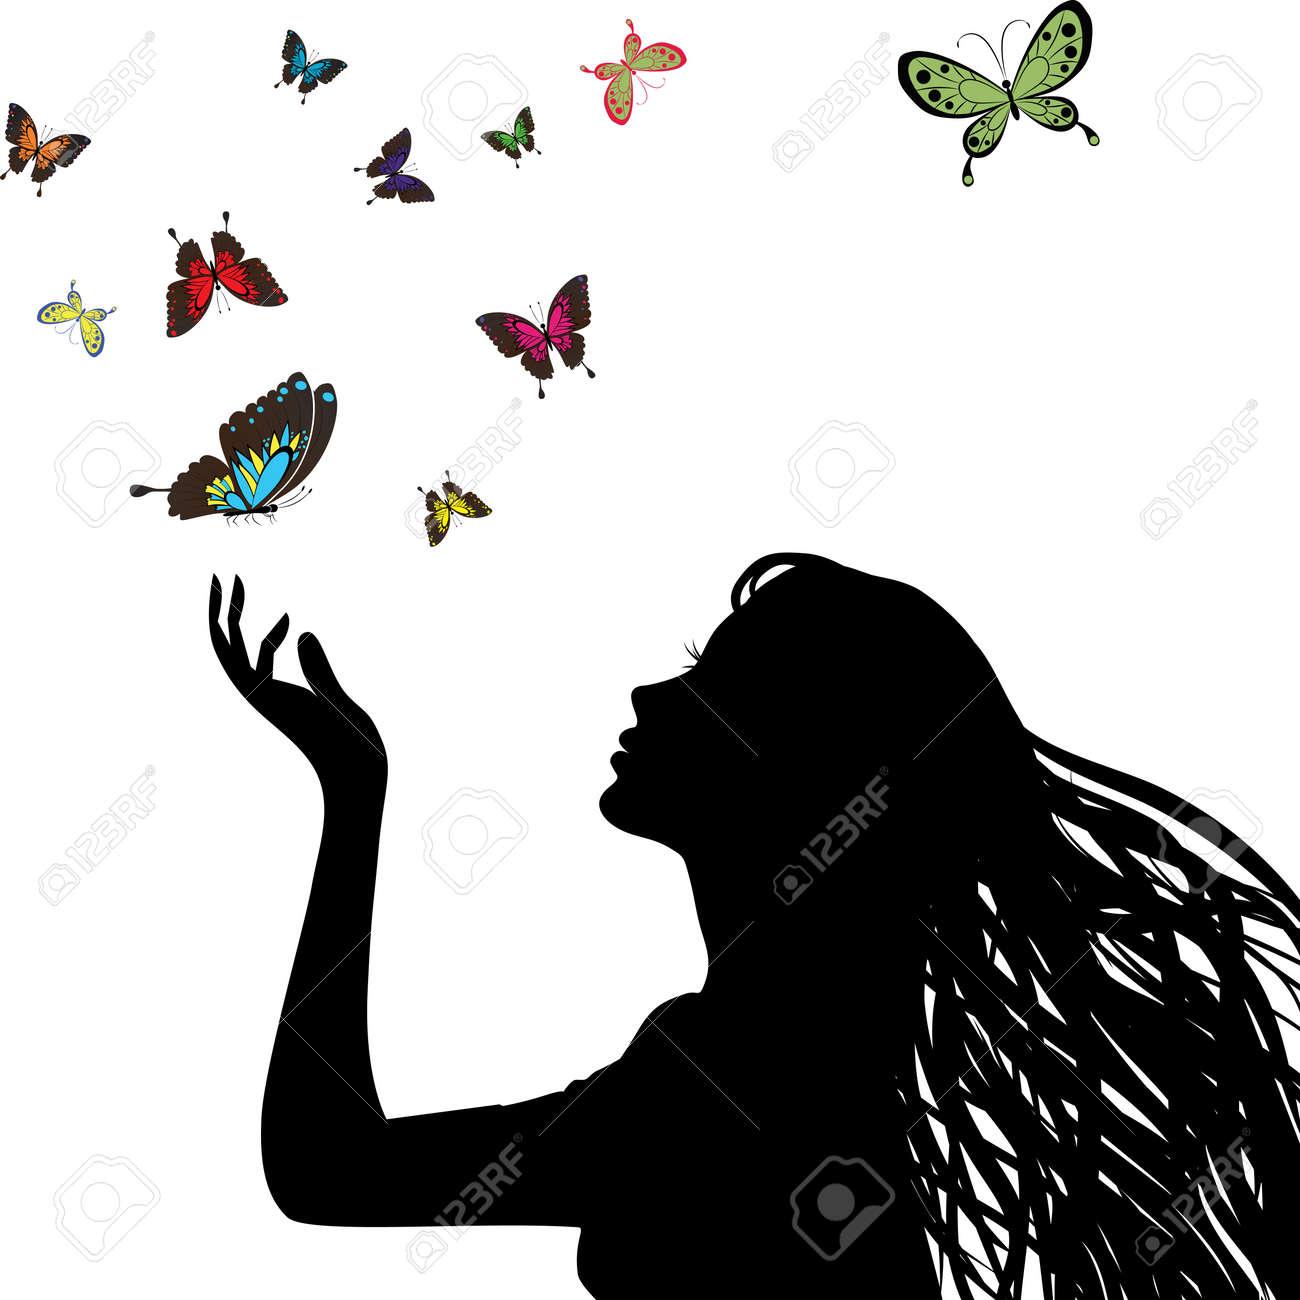 Sexy Vecteur Femme Silhouette Main Profil Jolie Cheveux De Fille De Tête Dessin Papillon Visage Féminin Art Peint Rétro Jeune Personne